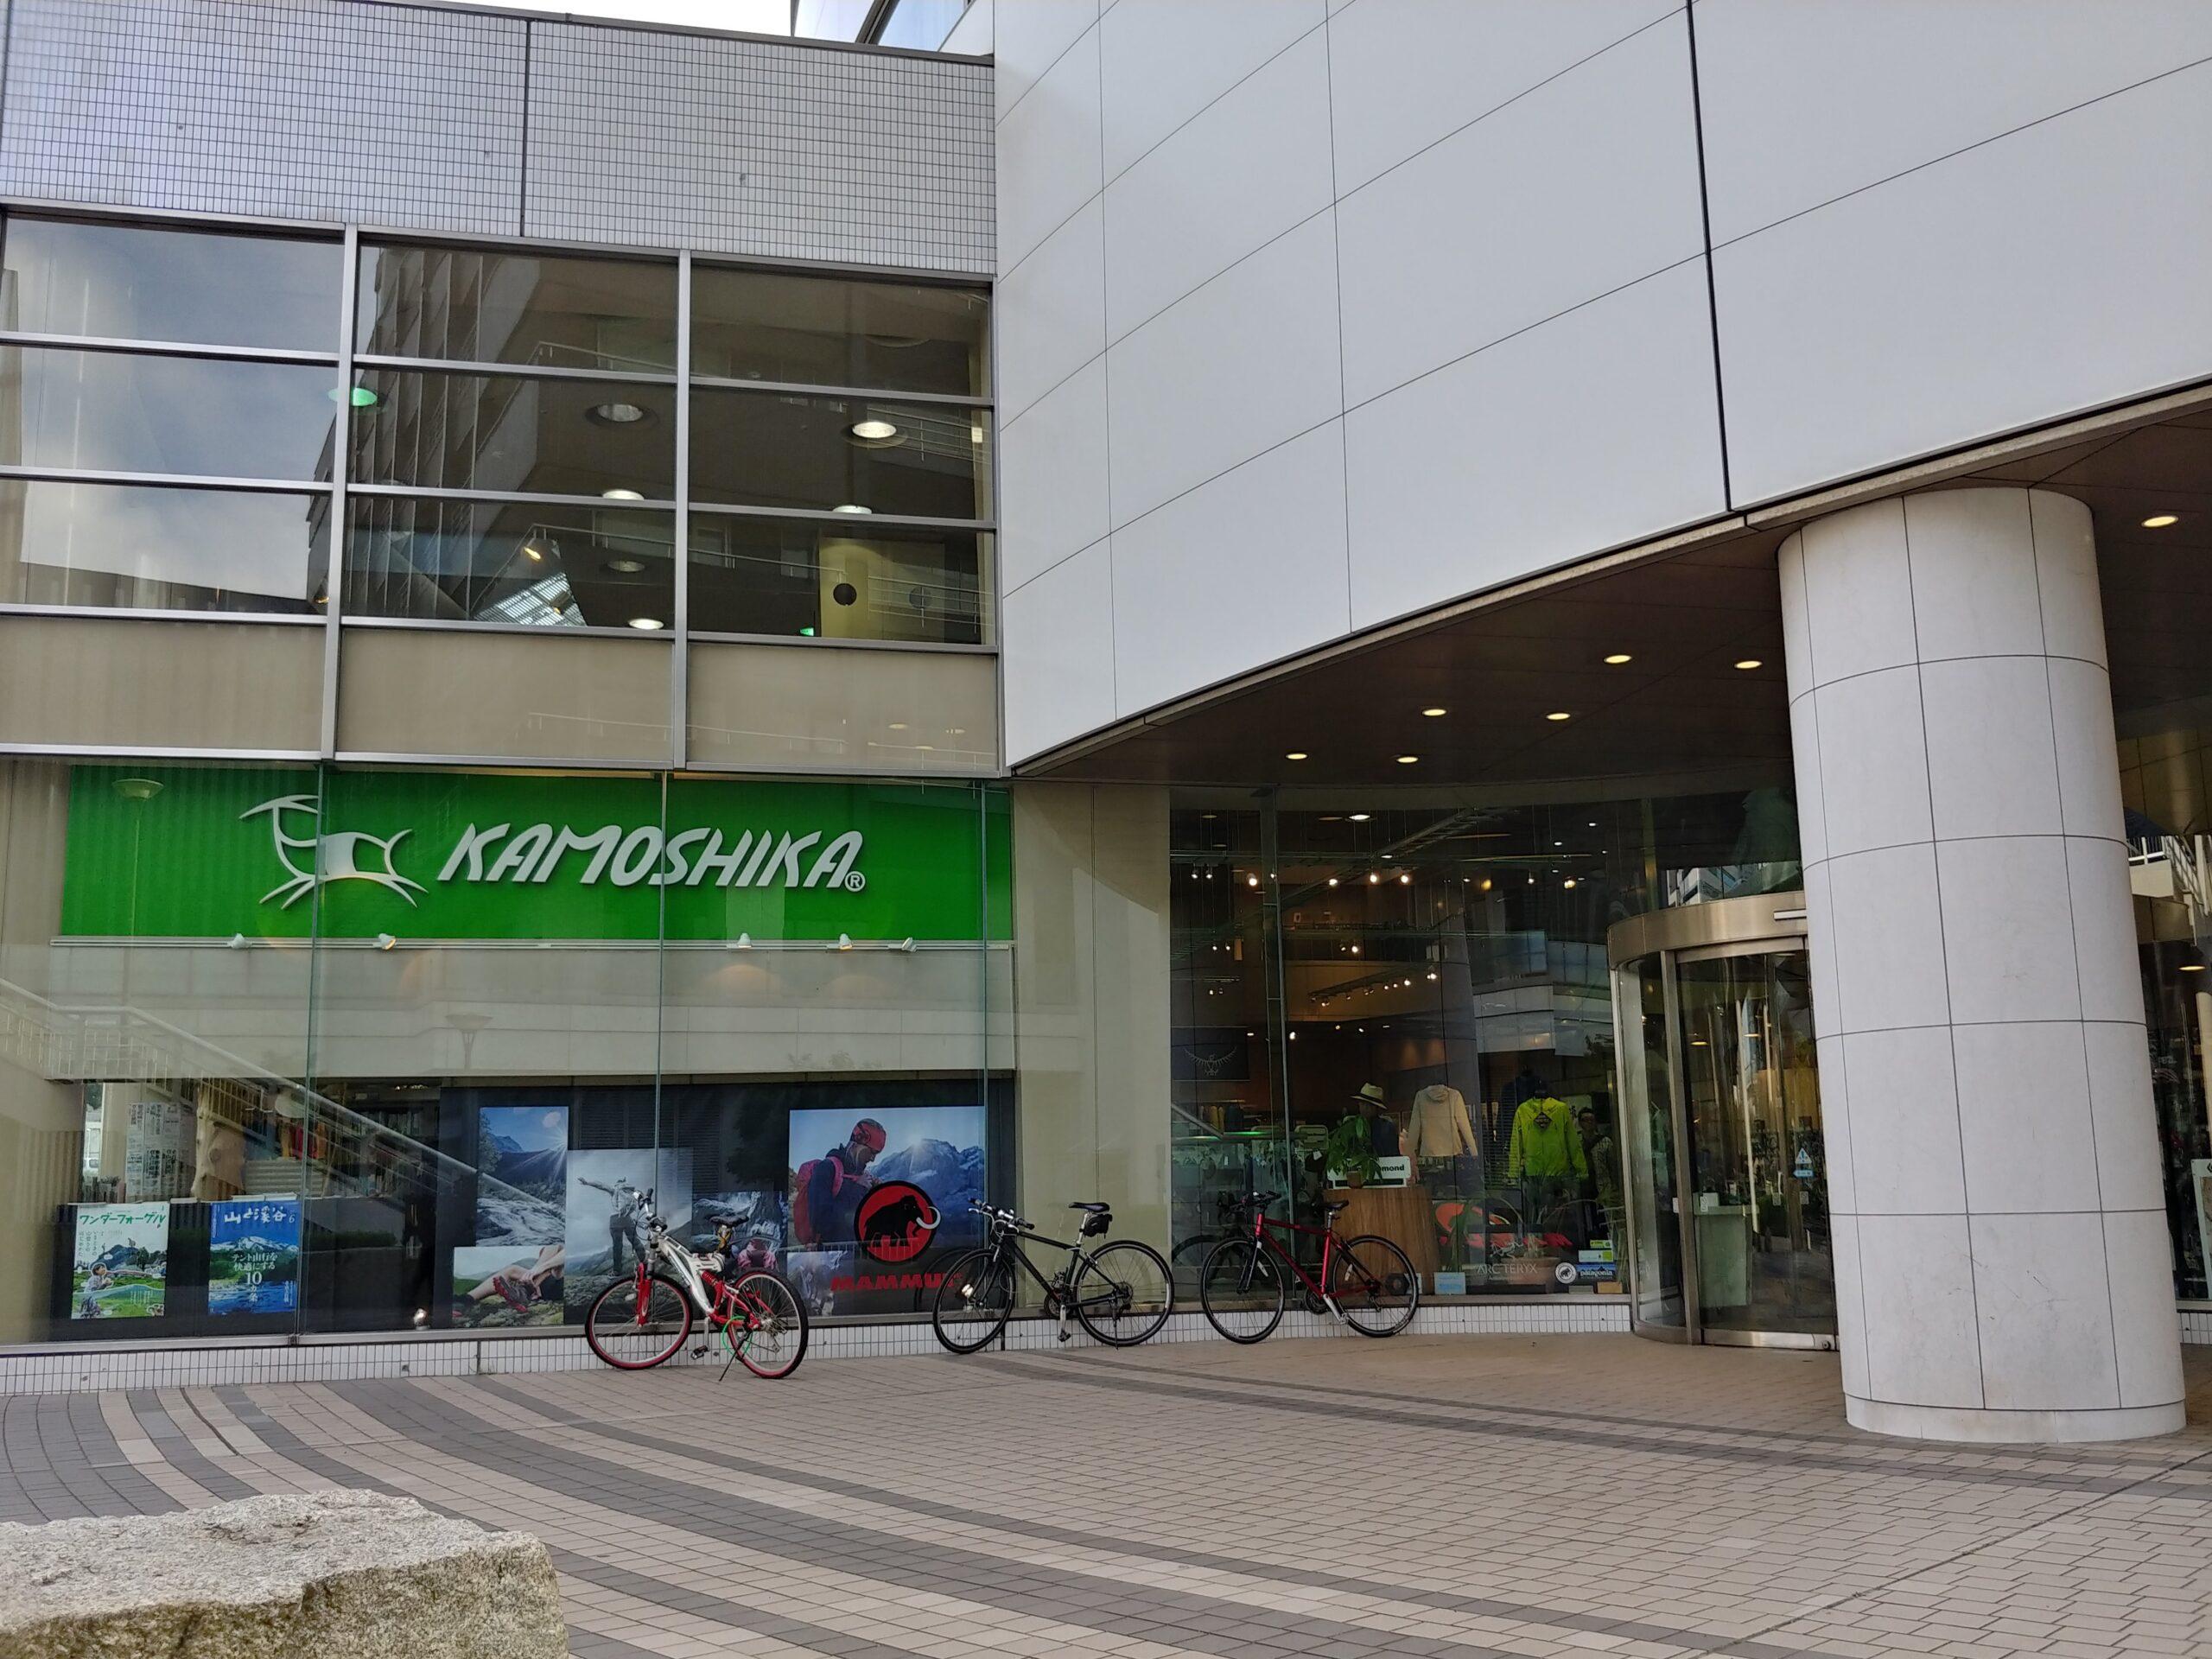 カモシカスポーツ 山の店・横浜店